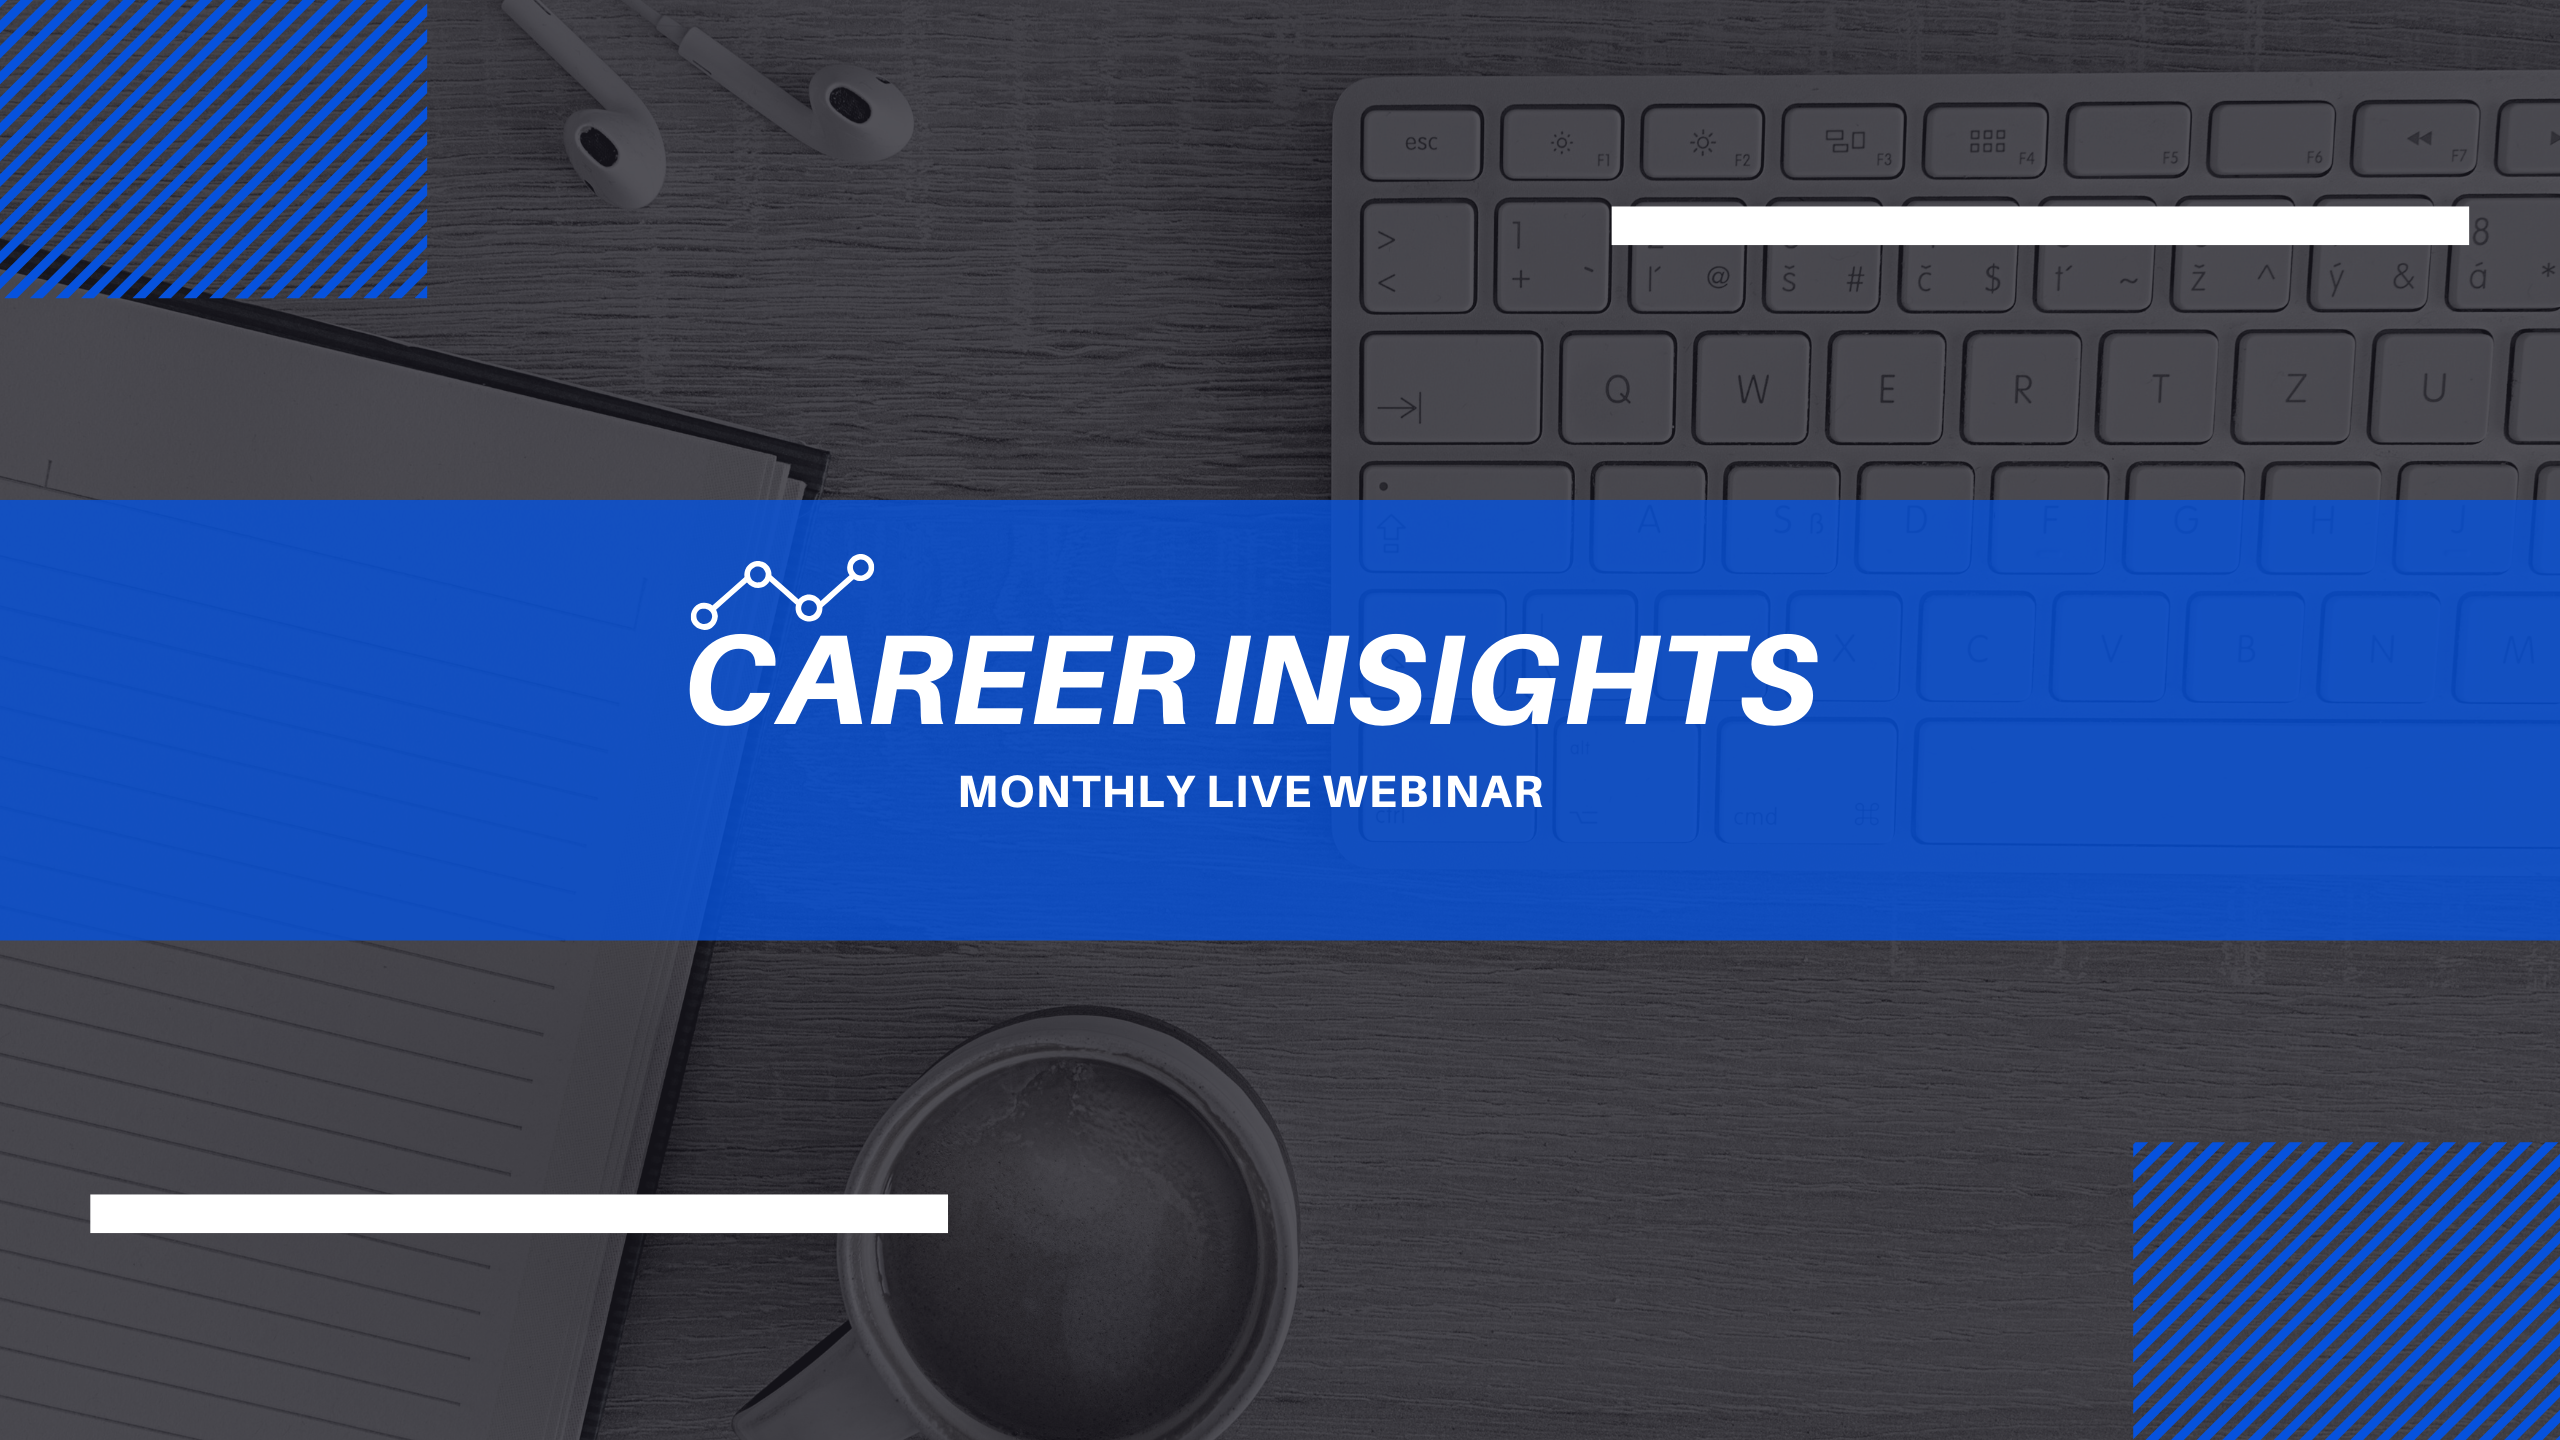 Career Insights: Monthly Digital Workshop - Gatineau